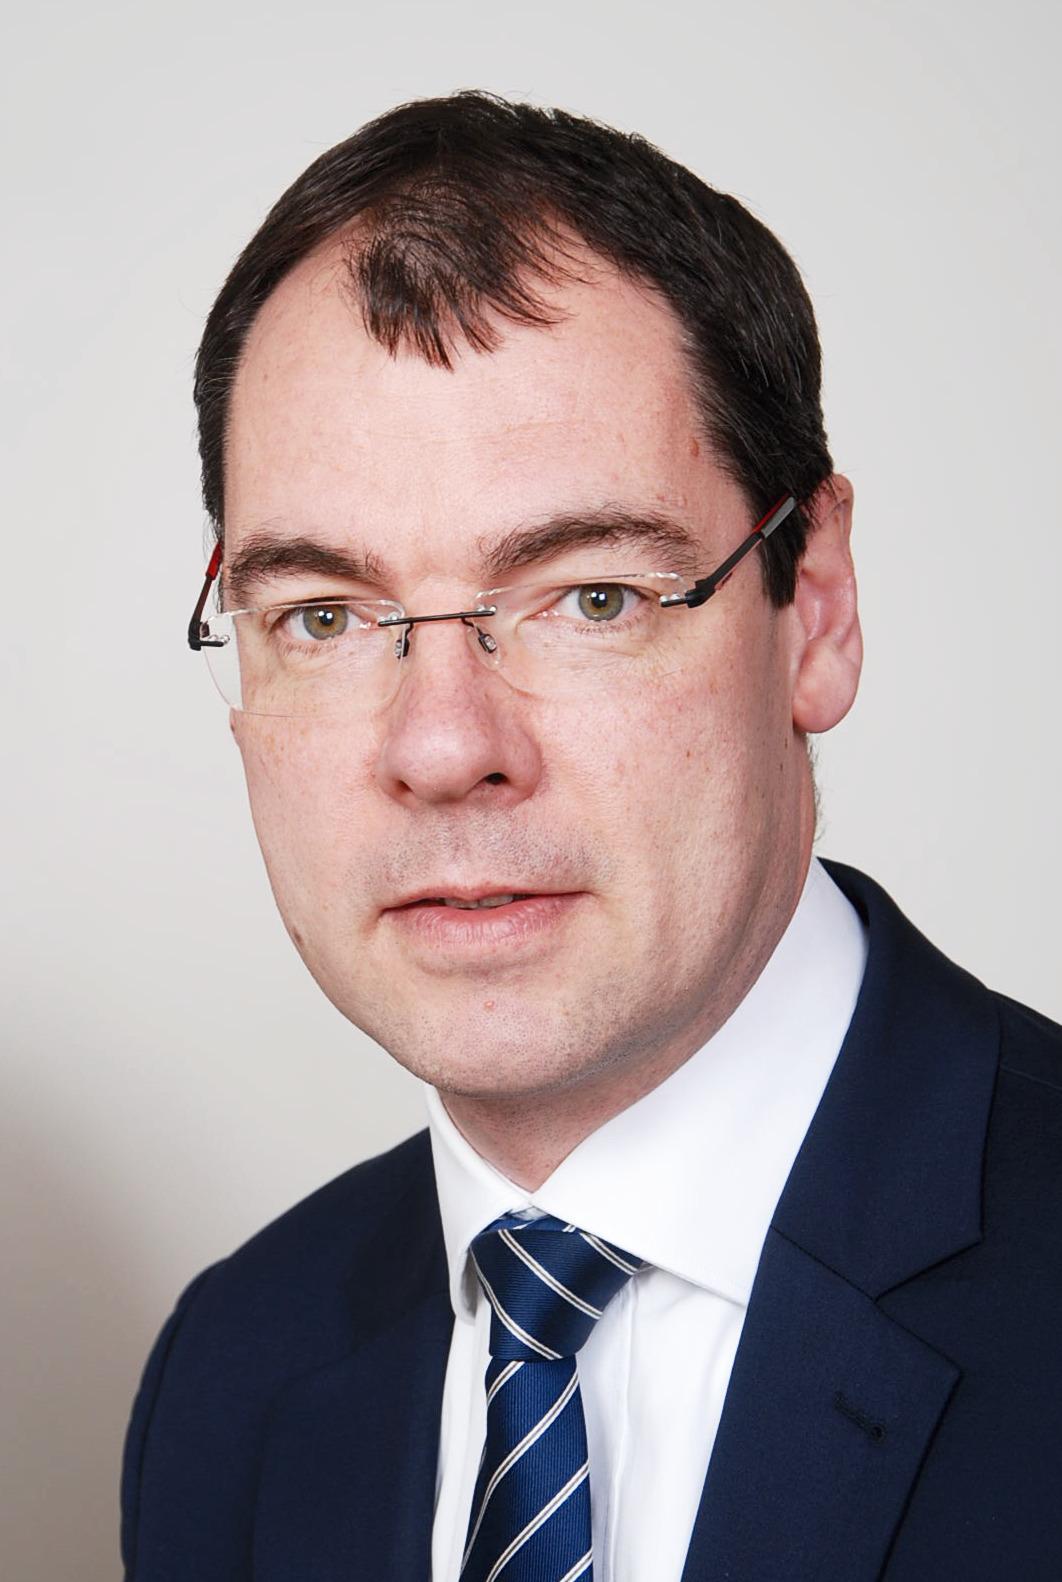 Thorsten Bomke, Market Portfolio Director Services - Alstom